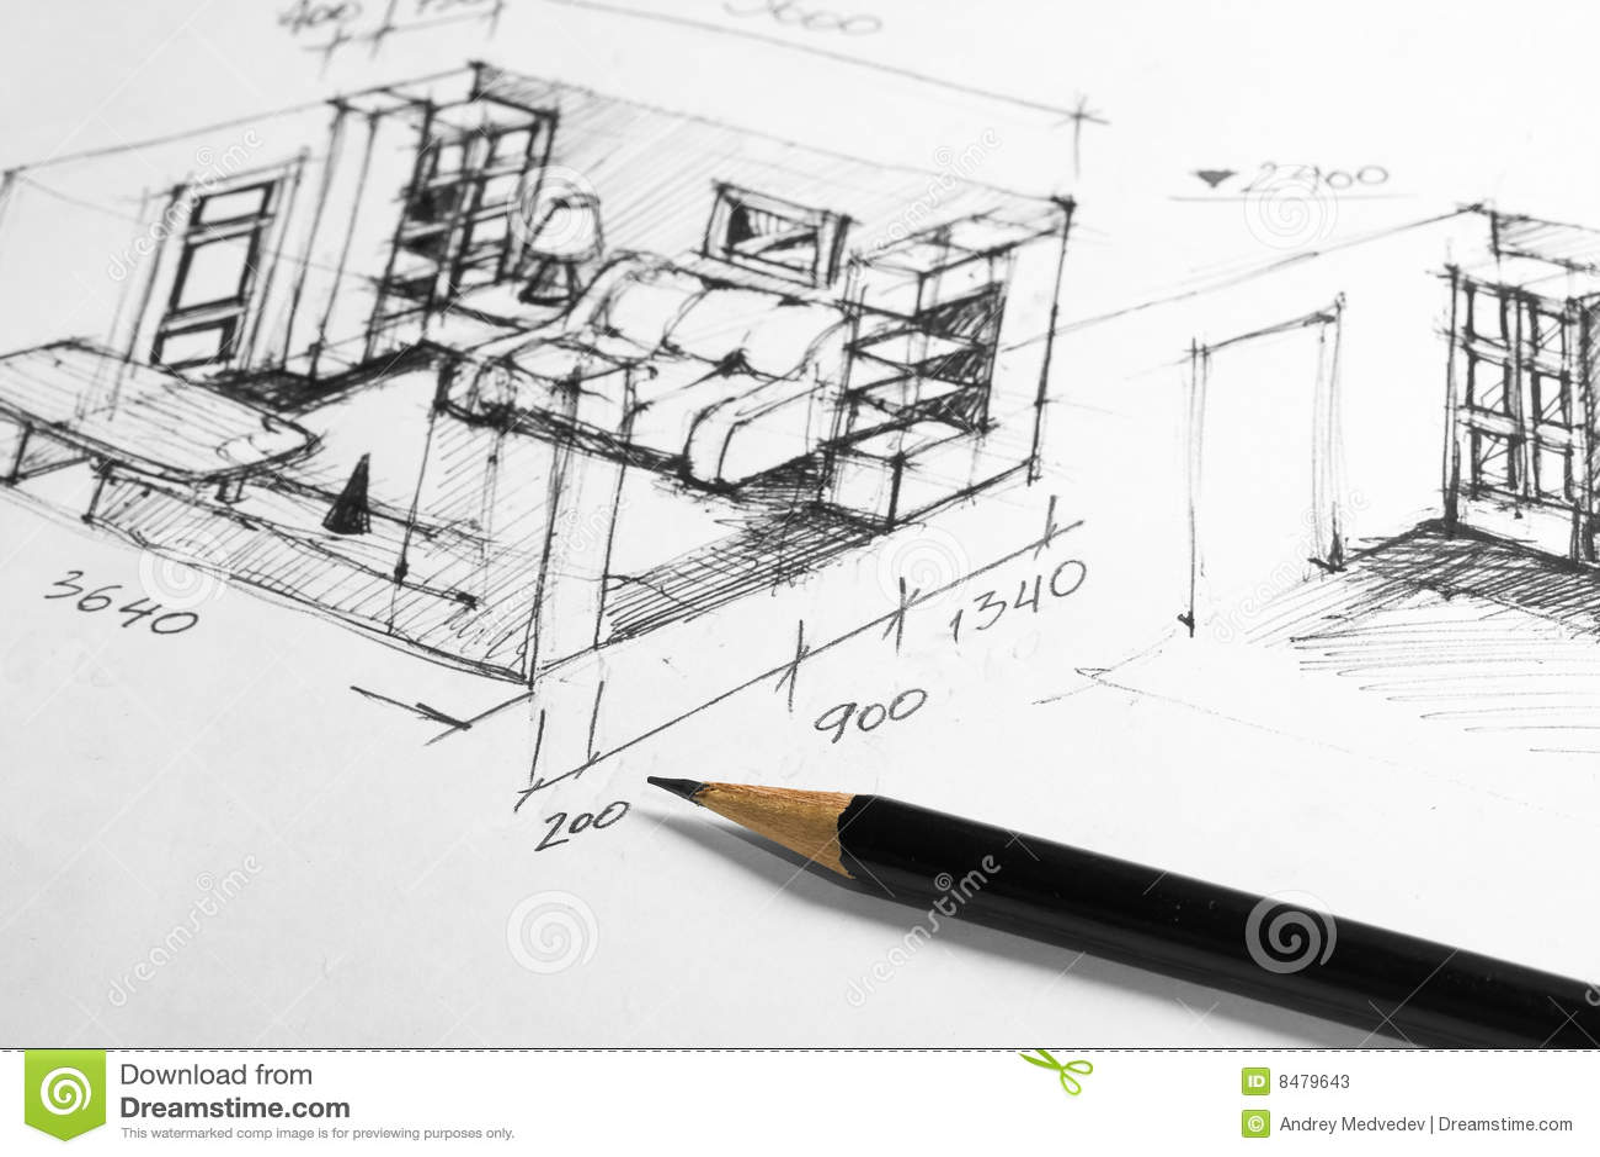 innenarchitektur skizze – dogmatise, Innenarchitektur ideen